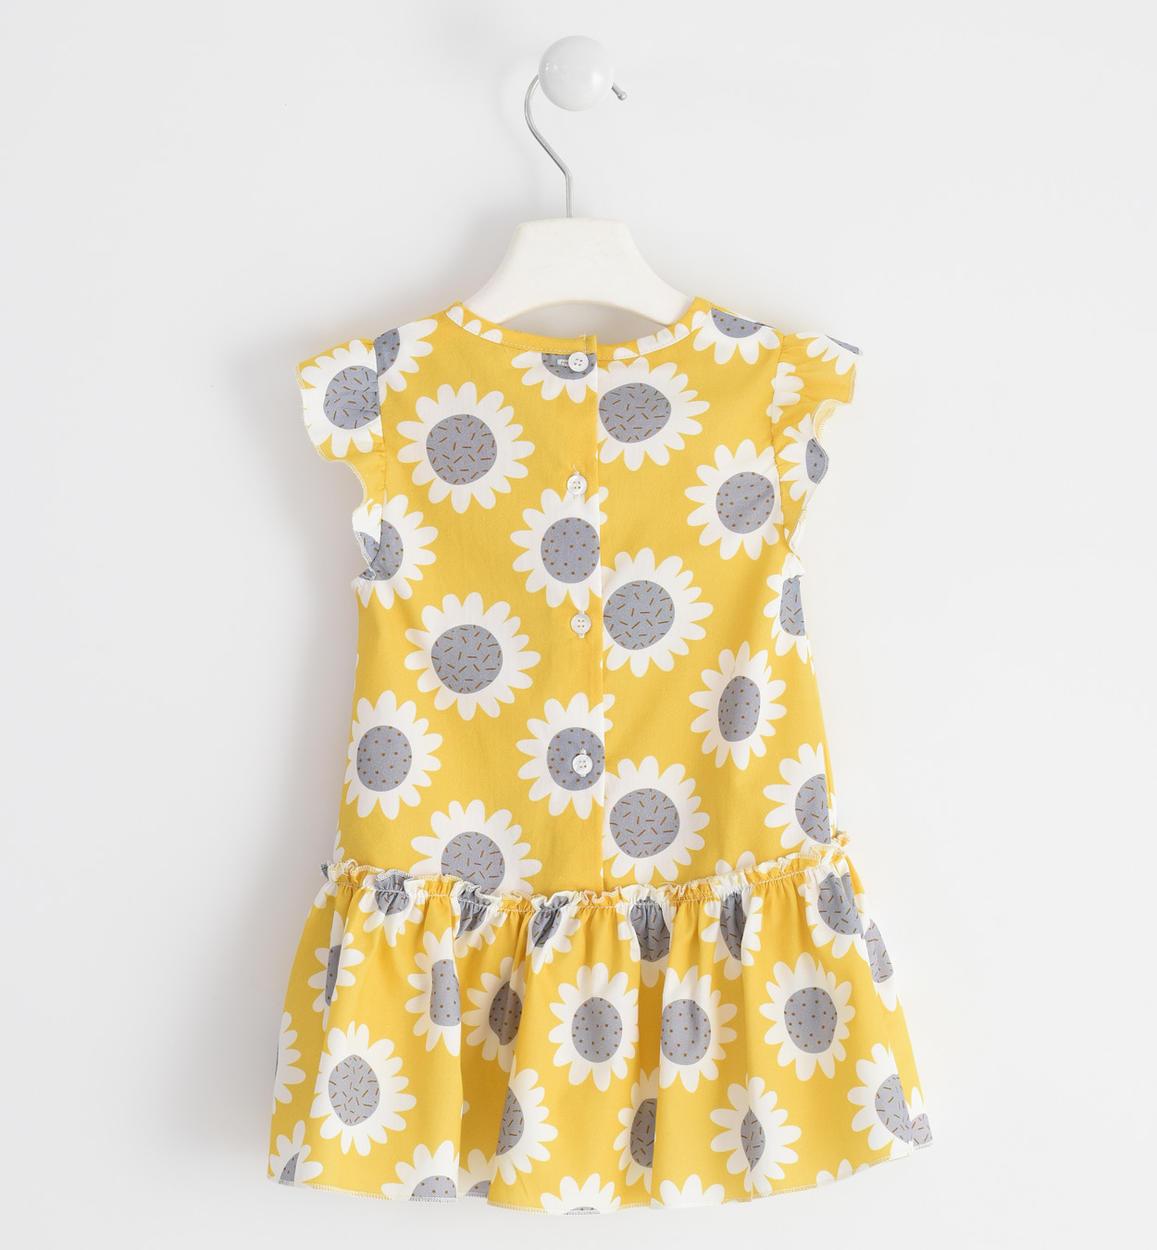 fresco abito in popeline 100 cotone per giallo retro 02 1454j74000 8041 150x150